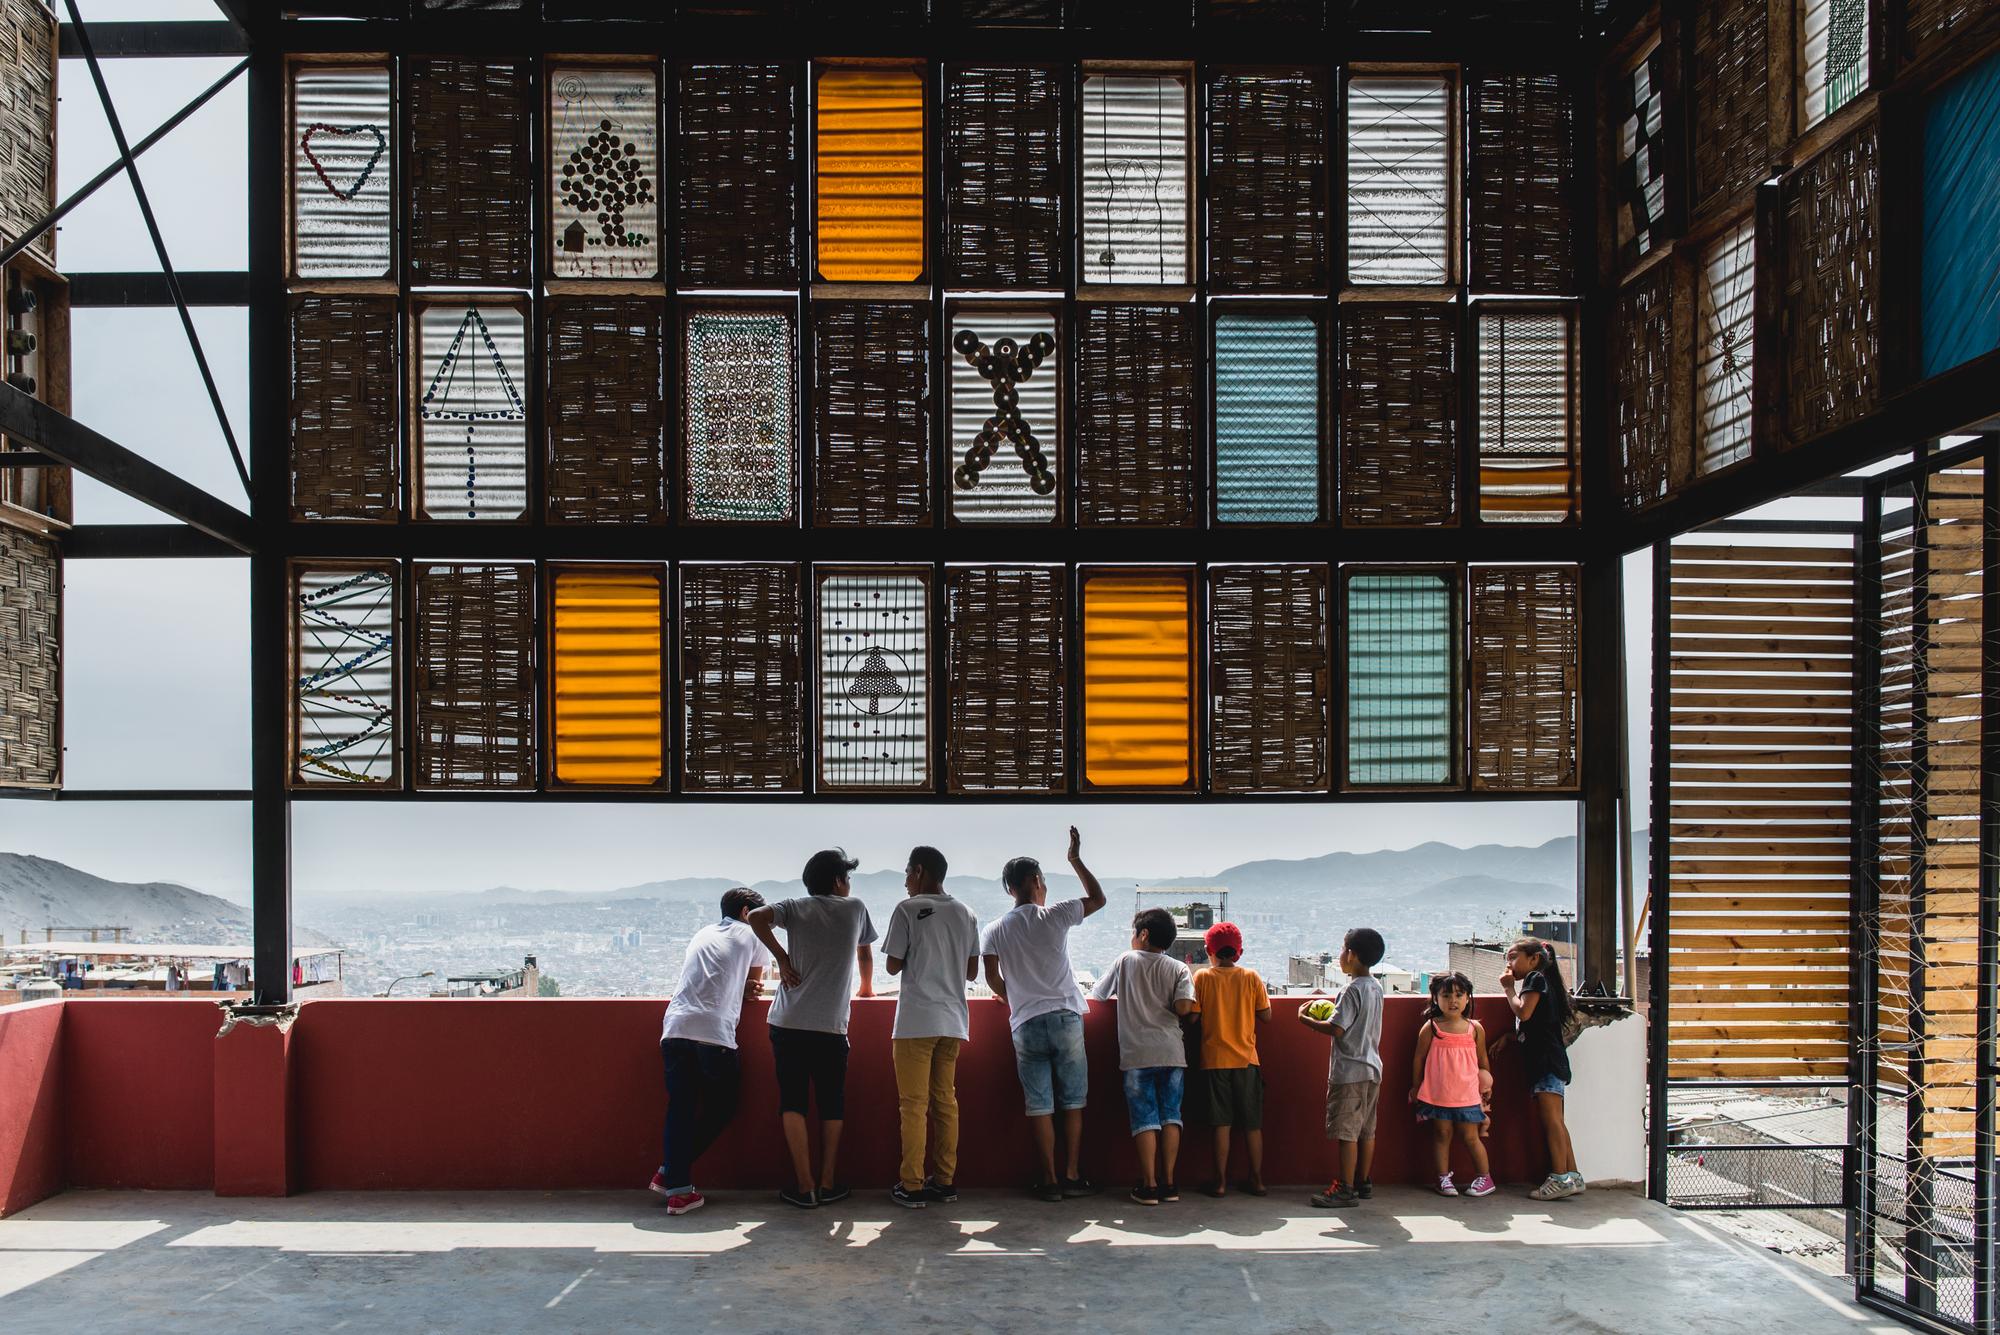 De comedor a local comunal un proyecto que enmarca la for Proyecto social comedor comunitario